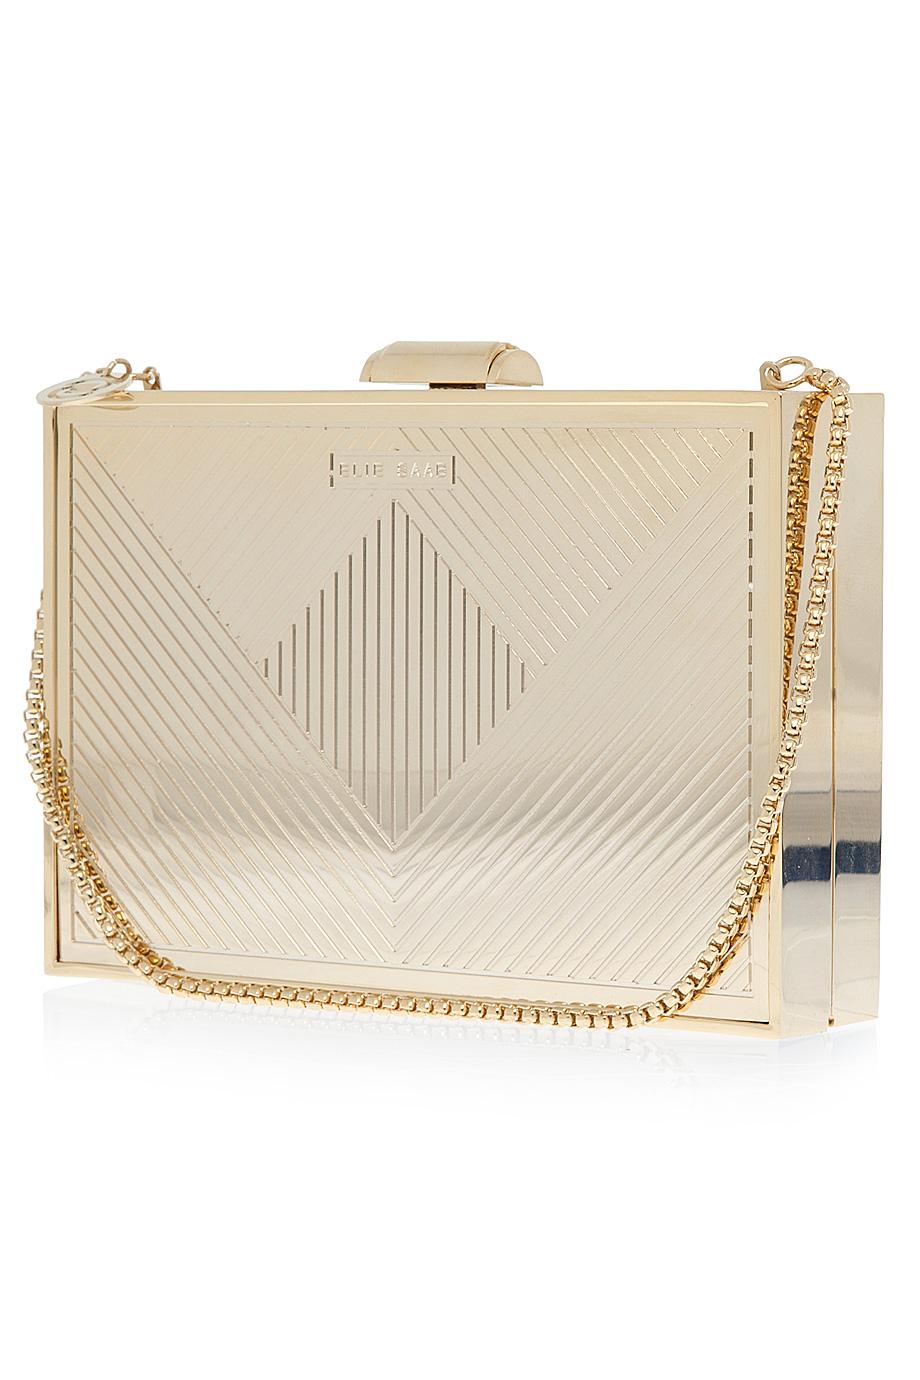 Elie Saab Gold Metallic Box Clutch Bag Lyst